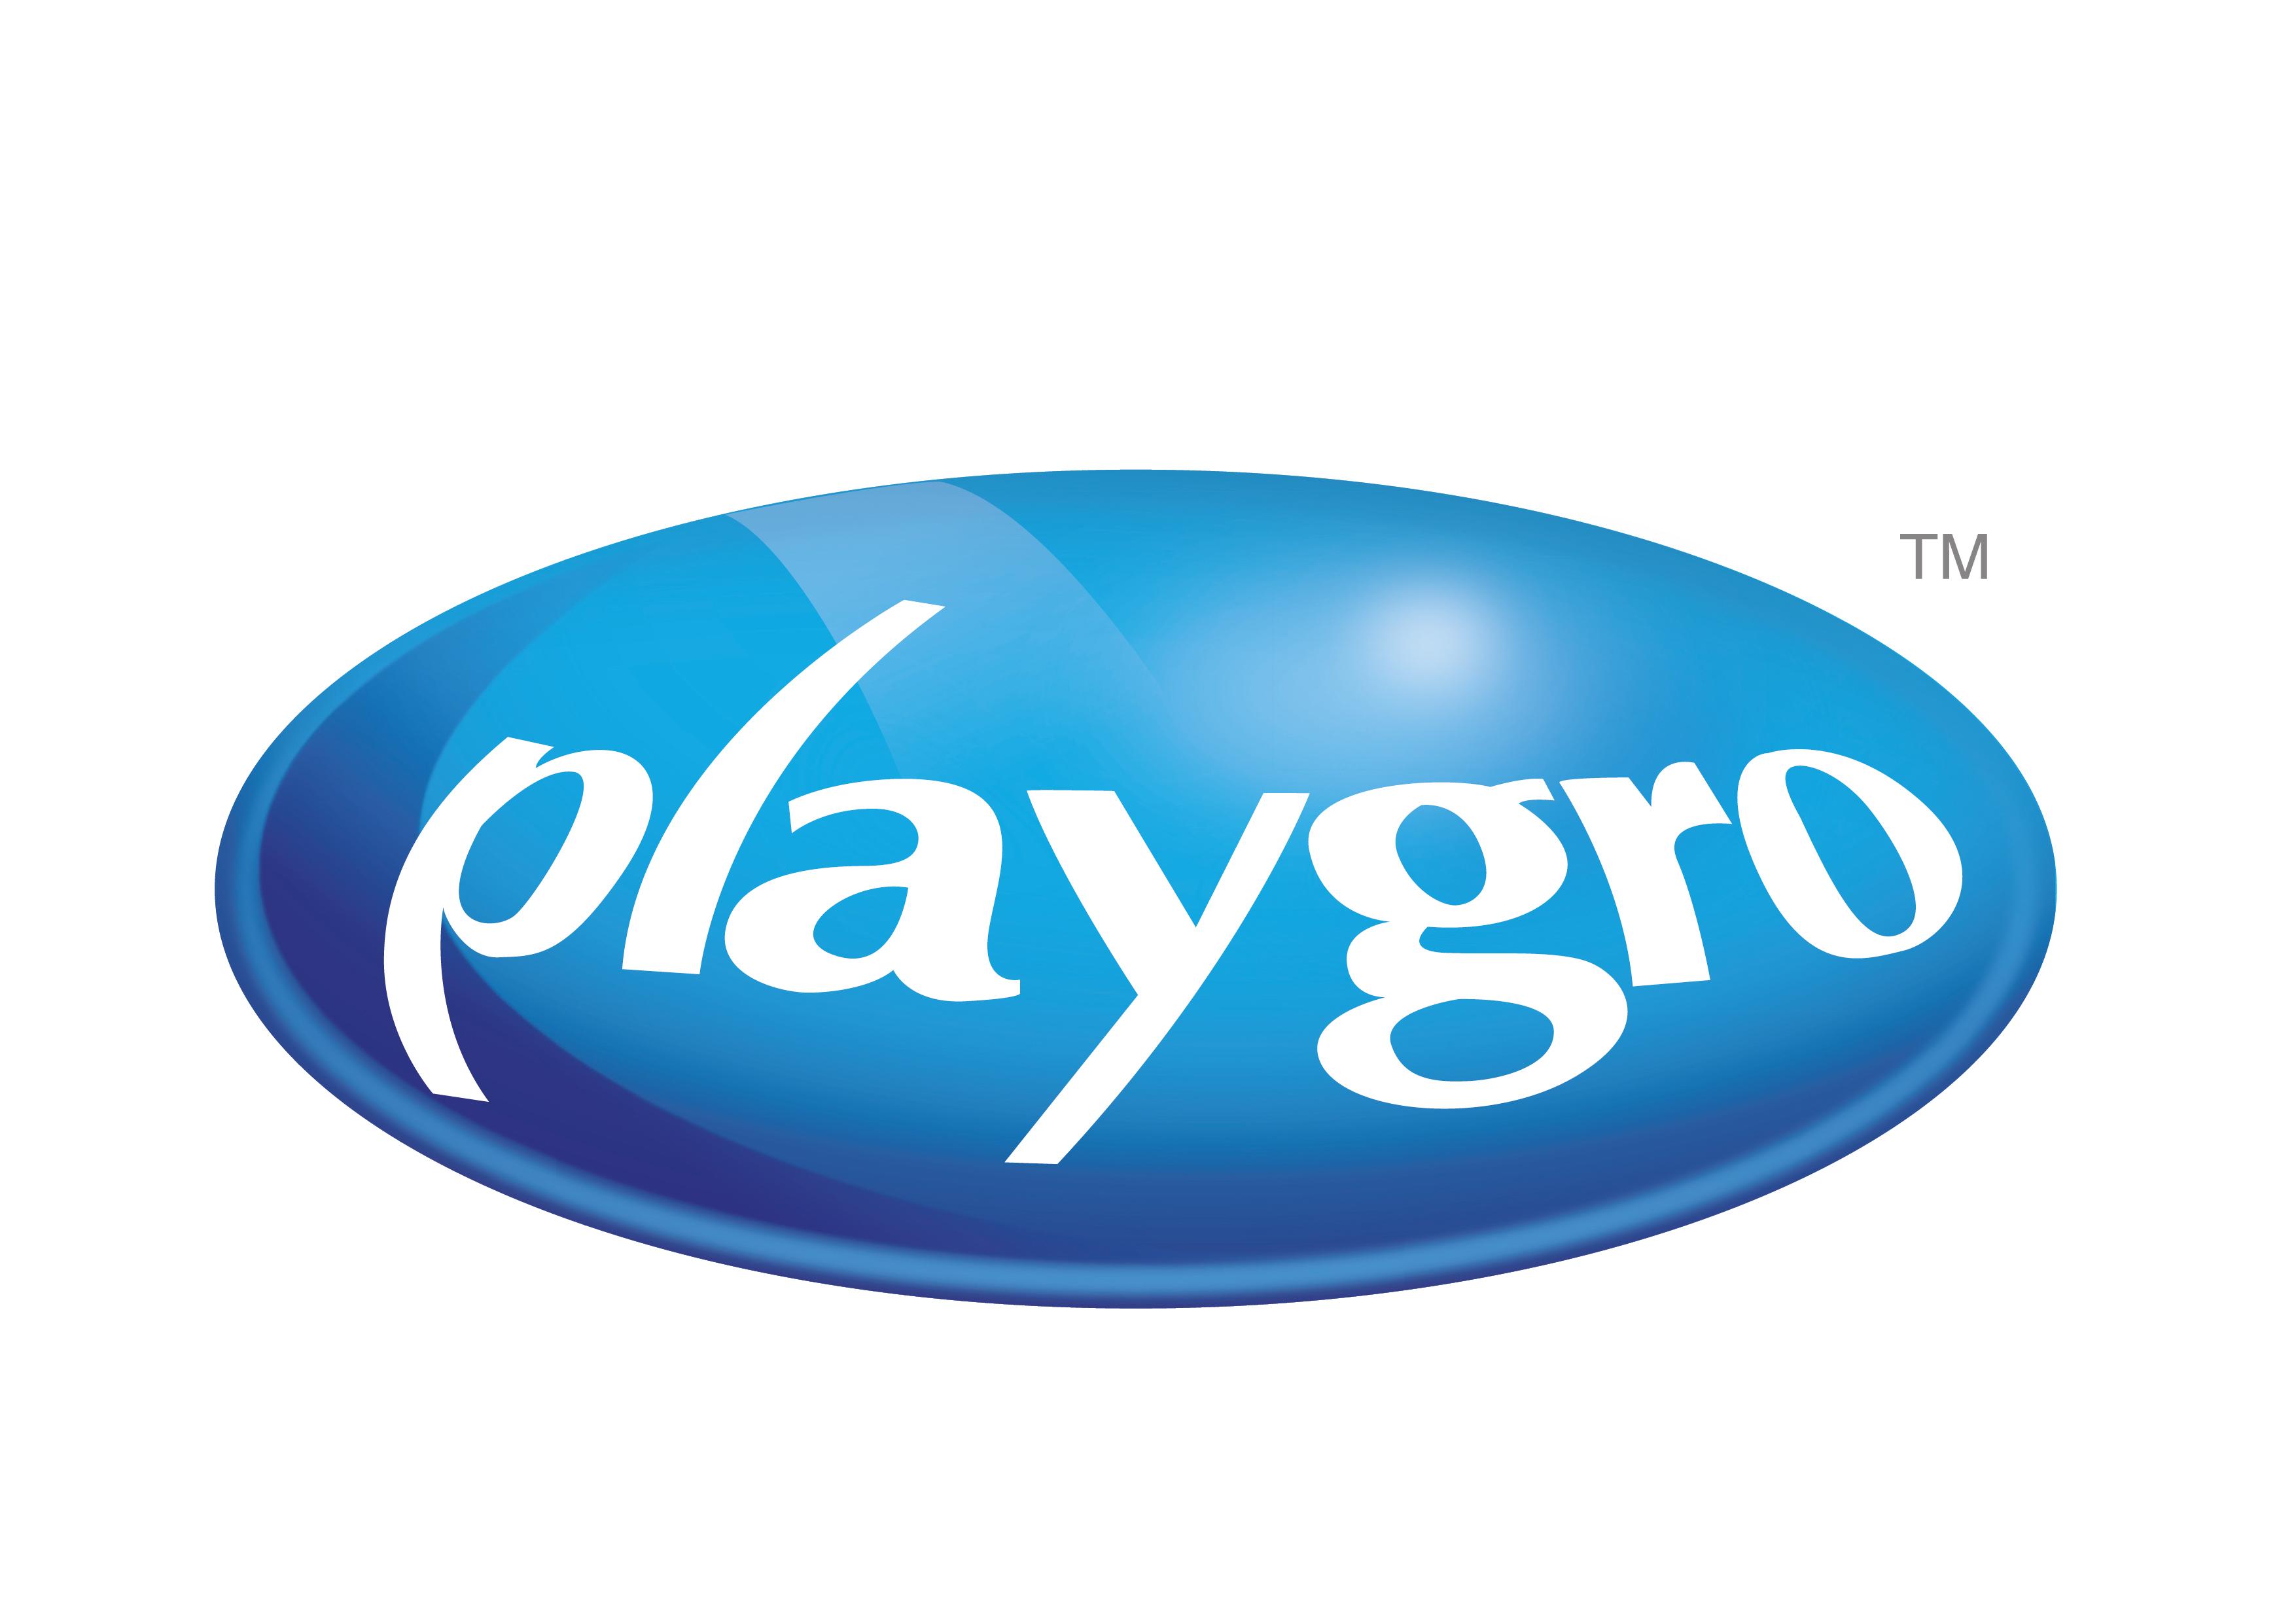 playgro.jpg